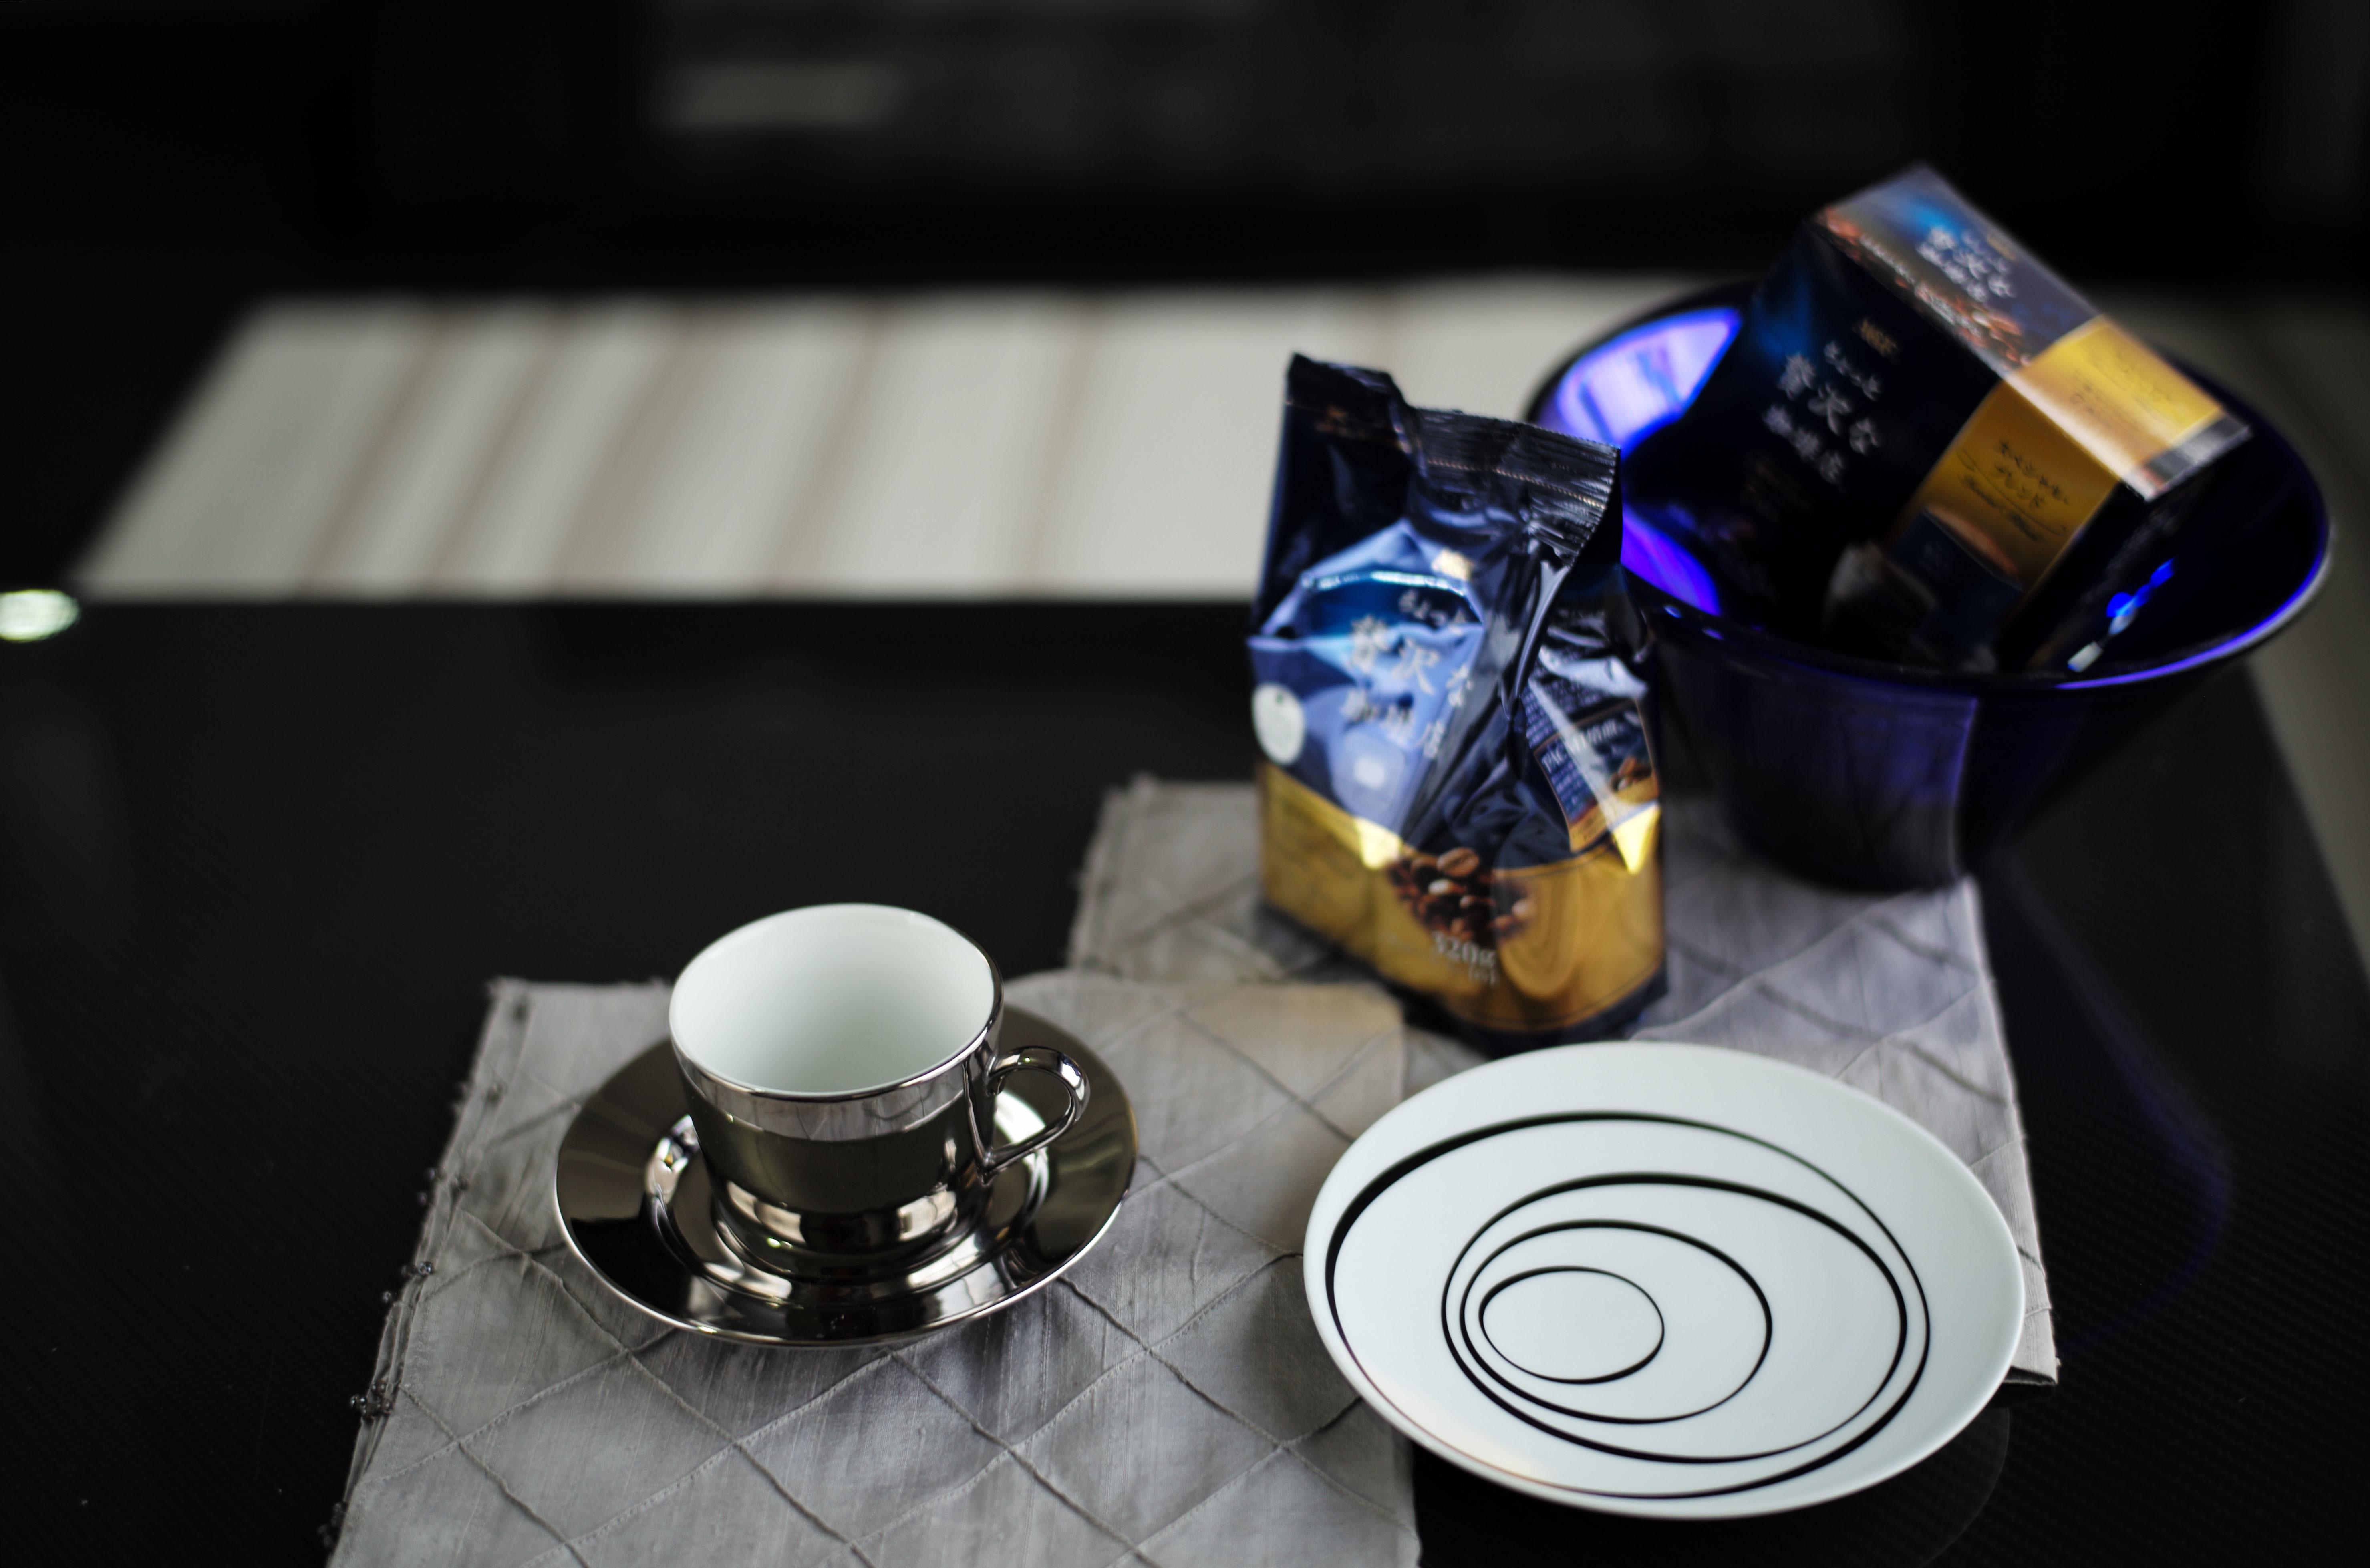 長雨でも自宅で「青」と一緒に愉しむ、珈琲タイム_1_2